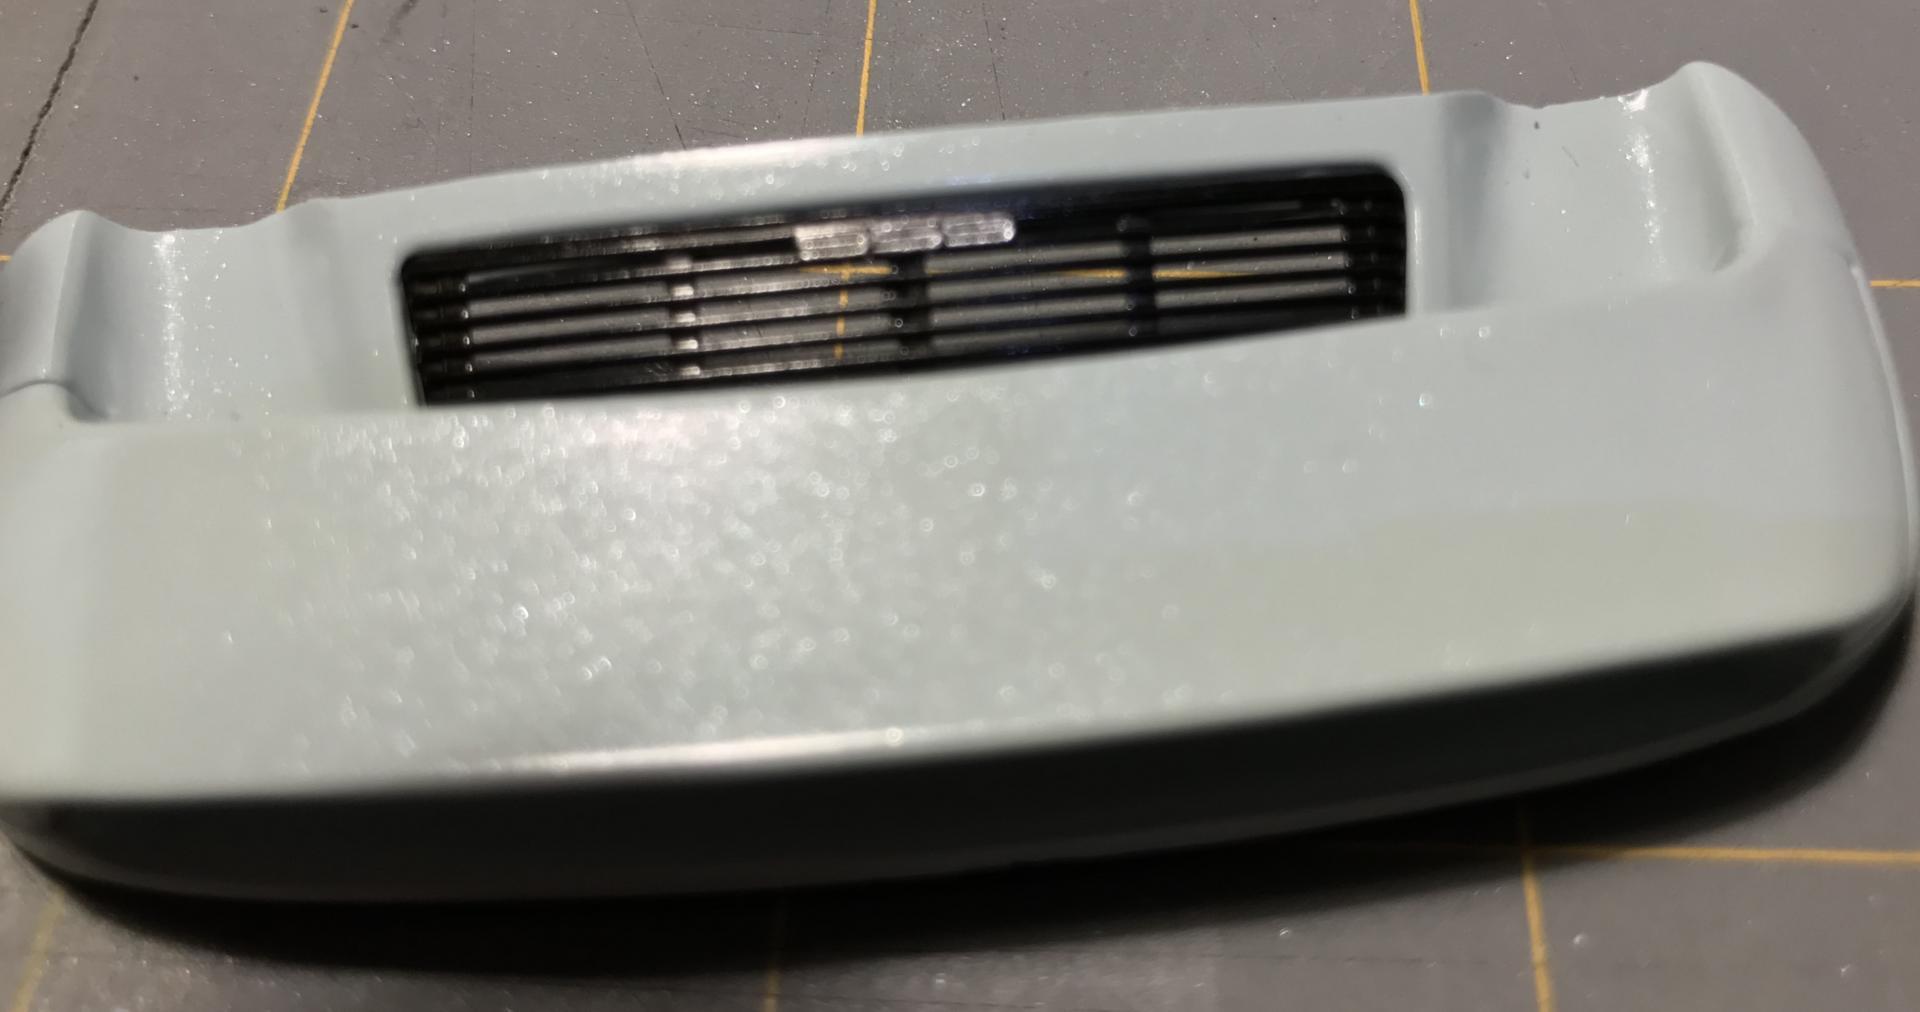 EB8E1084-B3F1-46CA-89BB-B58FF91C9DF2.jpeg